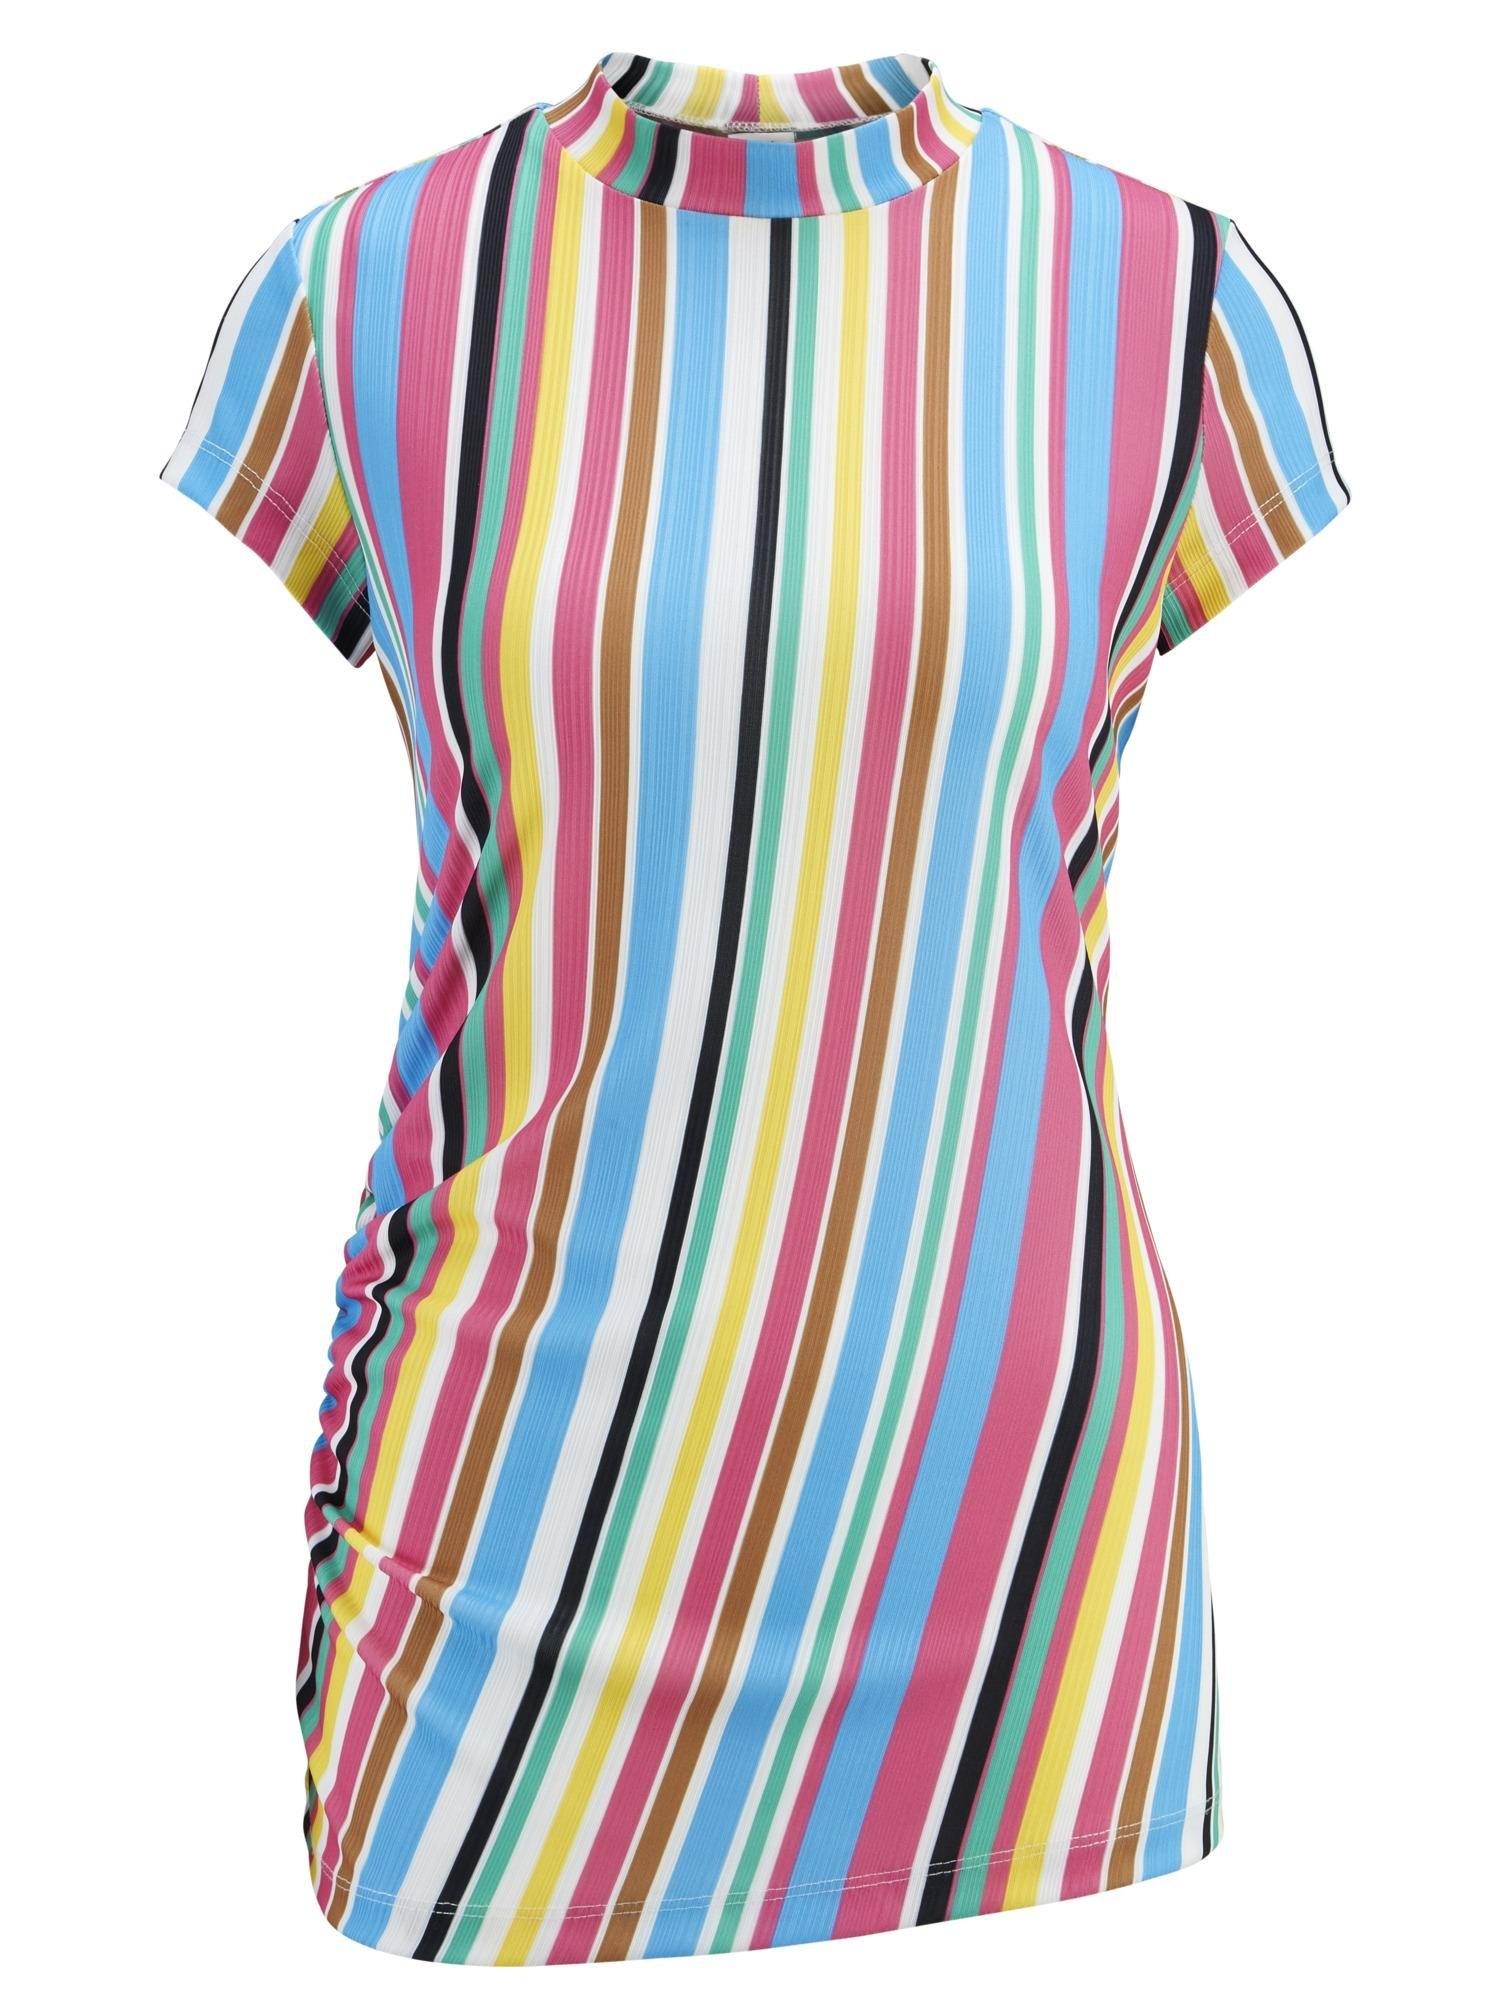 Shirt Shirt Shirt Shirt Bestellen Shirt Online Bestellen Online Online Bestellen Bestellen Online iXZPku